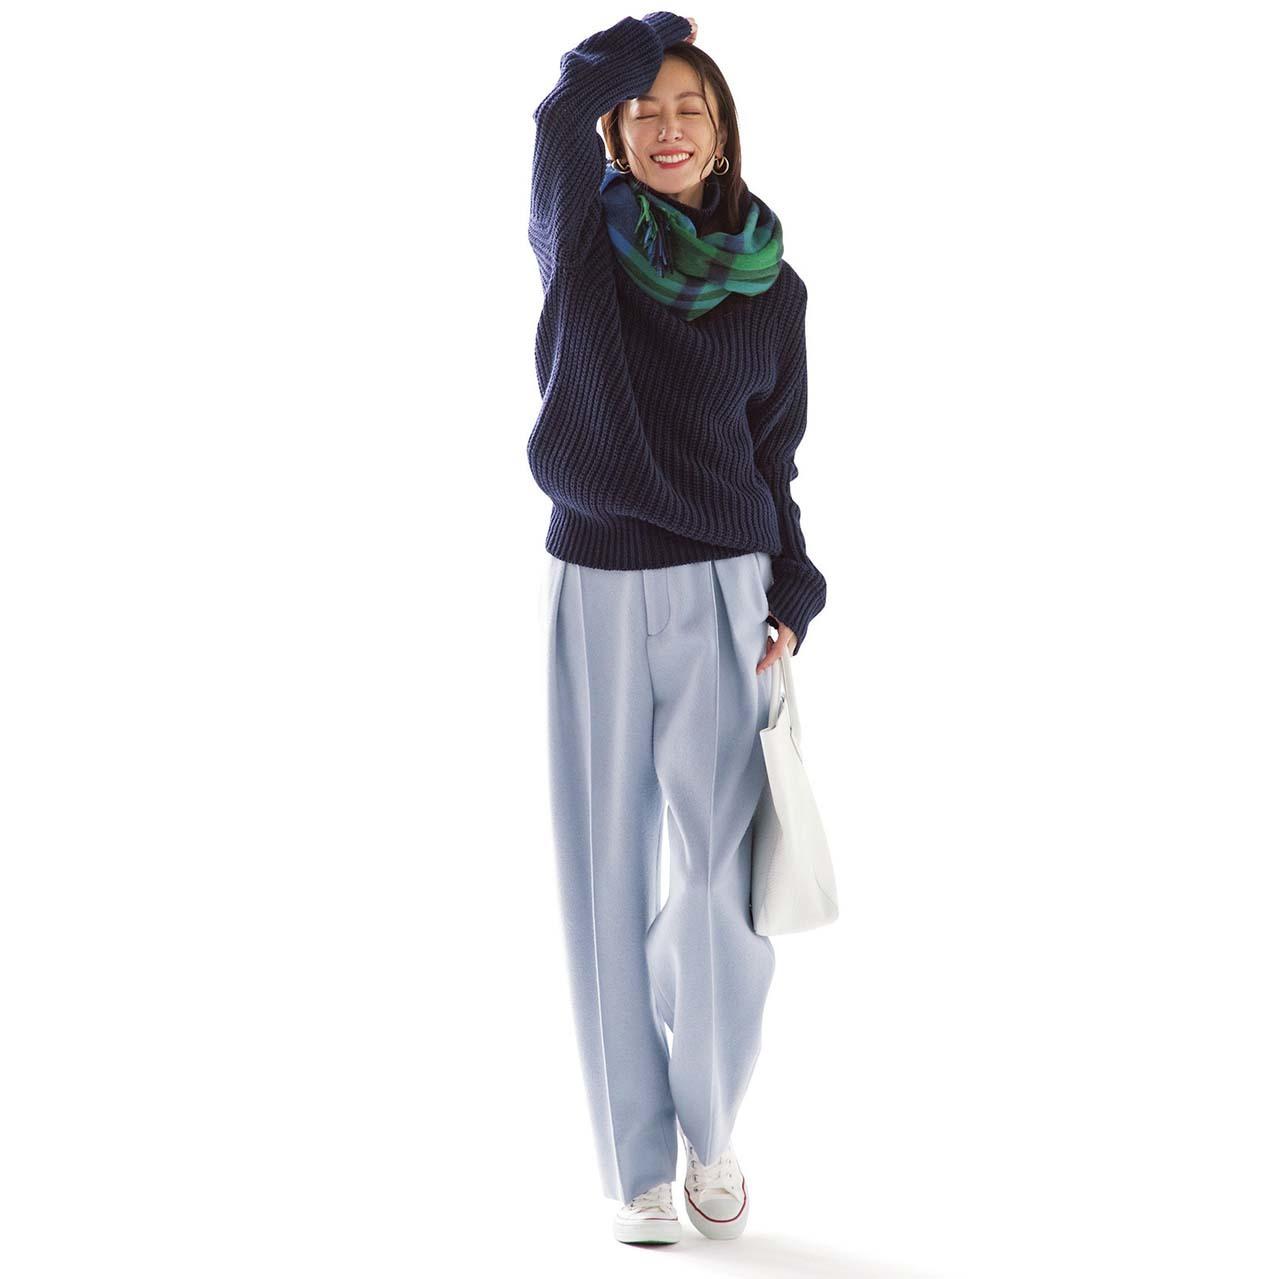 ニット×パンツ×コンバースの白スニーカーコーデを着たモデルの内田ナナさん